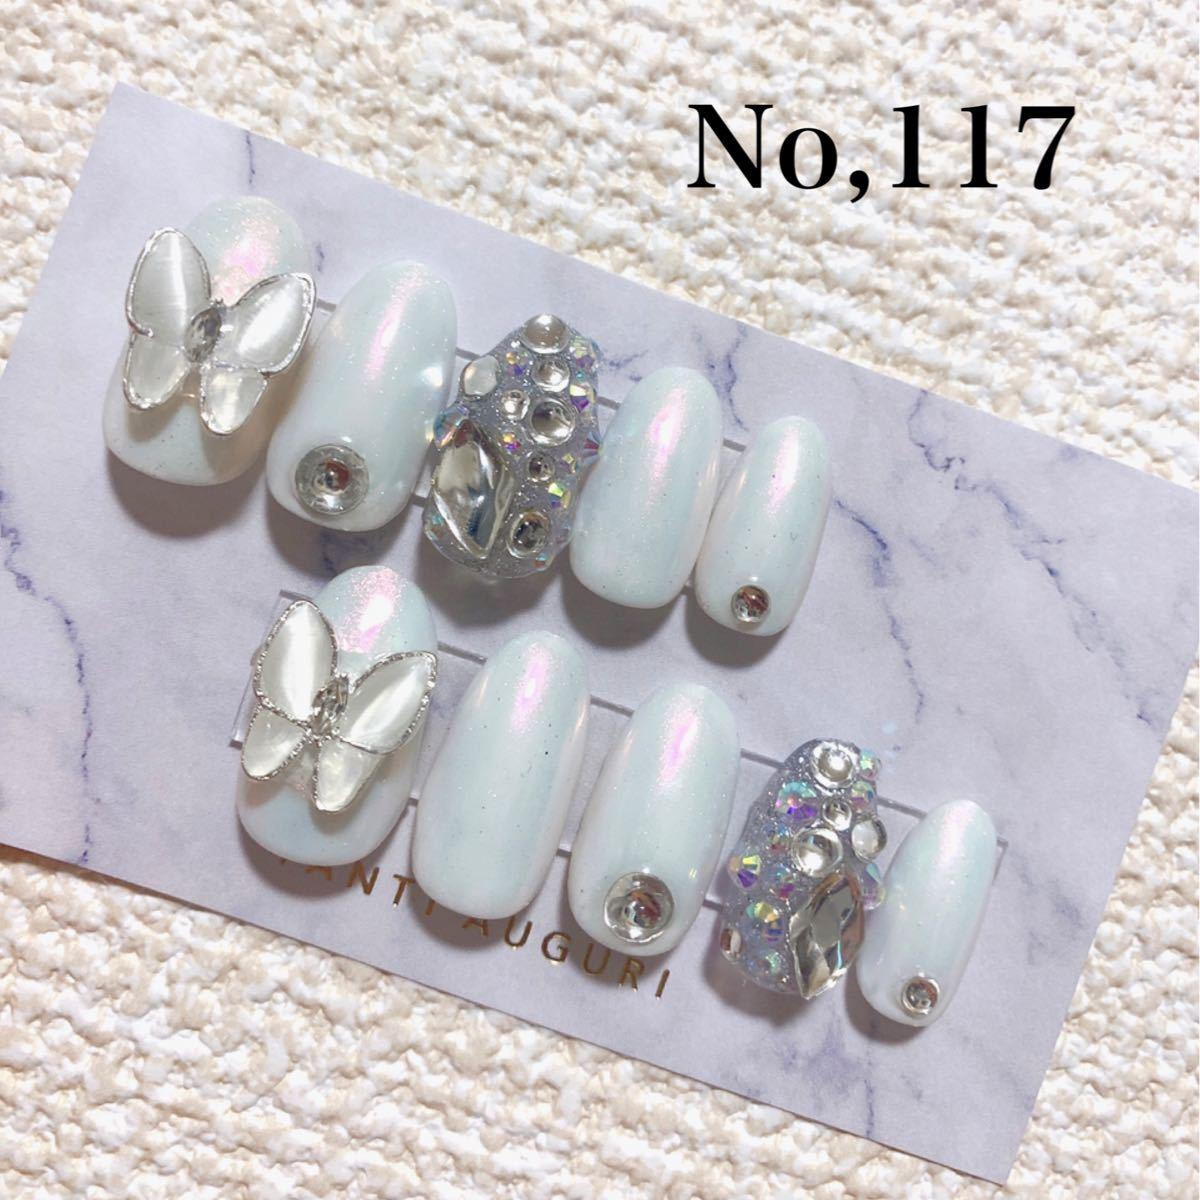 ネイルチップ 蝶々 韓国 トレンド オーロラネイル ダイヤ No,117